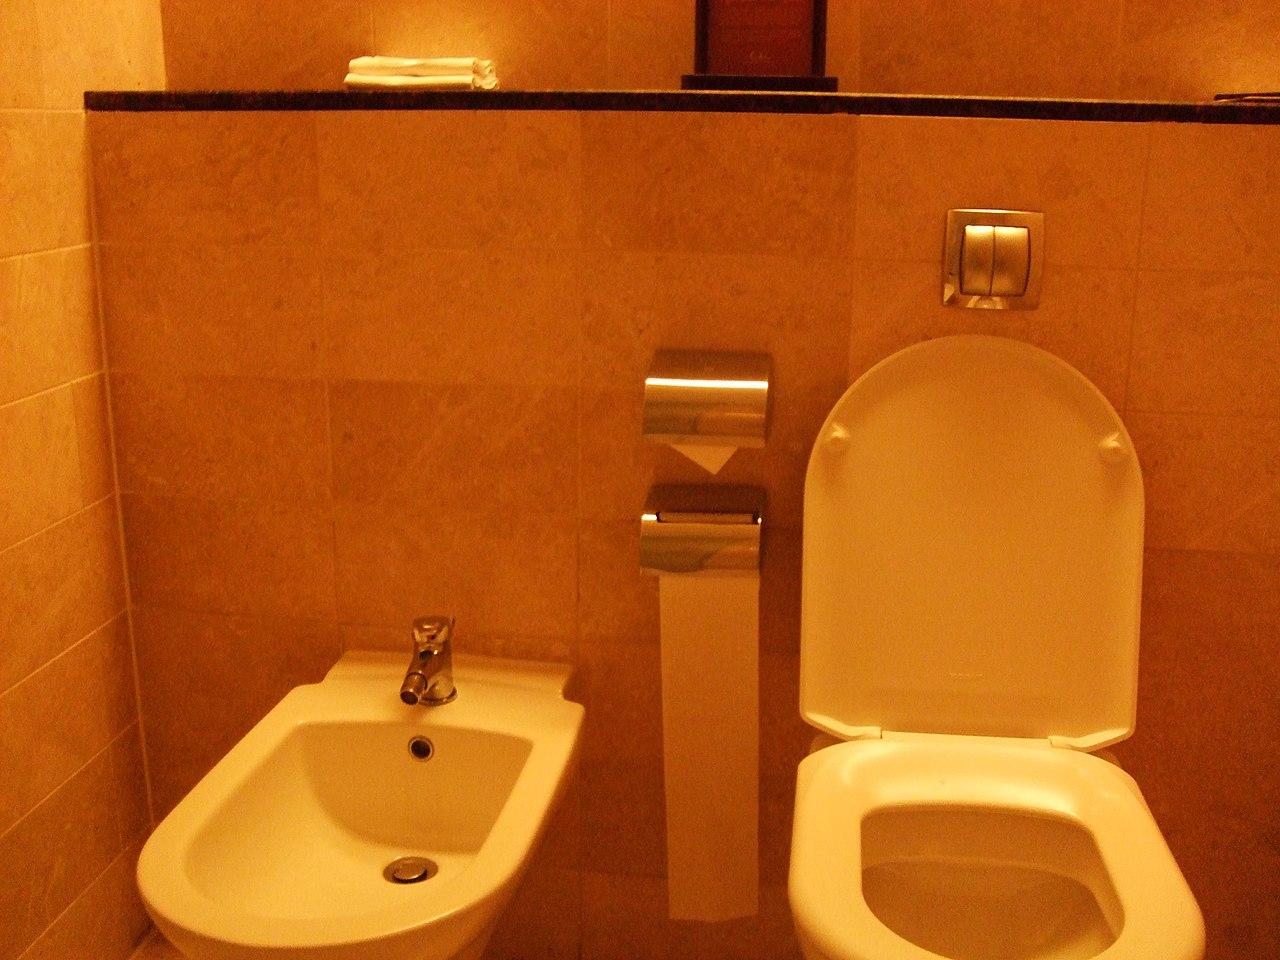 Spa Toilet Seat : Dobidos auto electronic toilet seat electronic spa bidet warm